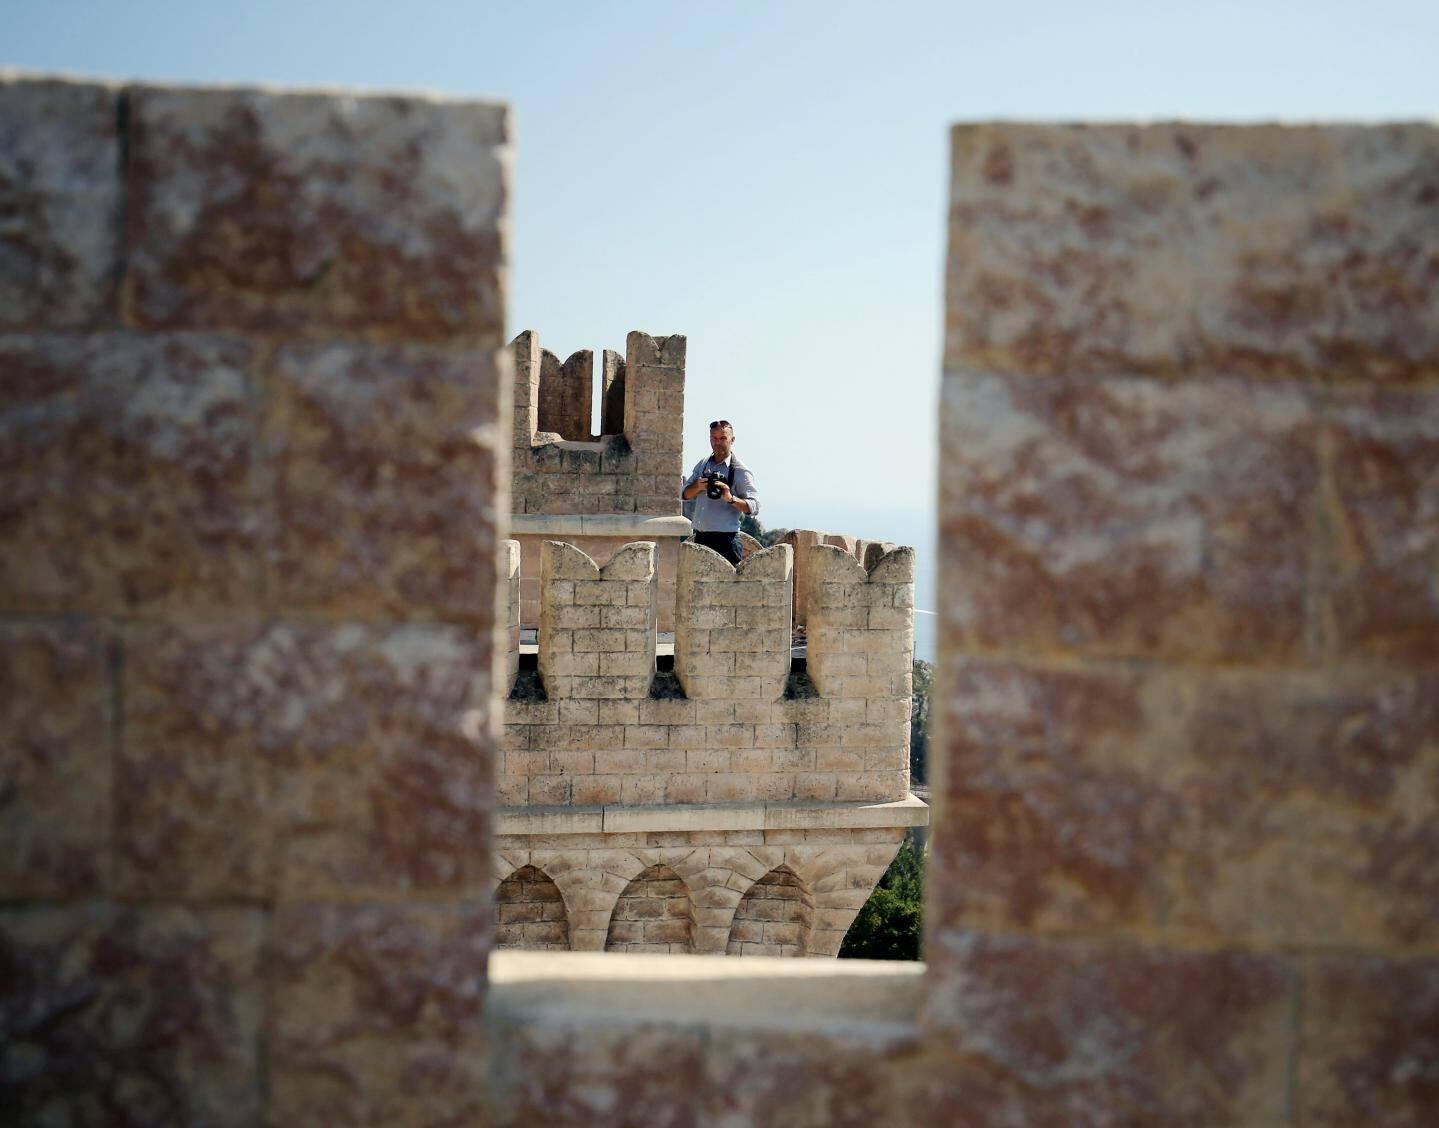 Bâtie par le neveu du poète romantique anglais Lord Alfred Tennyson, la bâtisse a ensuite appartenu à un entrepreneur excentrique qui l'a transformée en forteresse, entourée de tours carrées et de mâchicoulis.